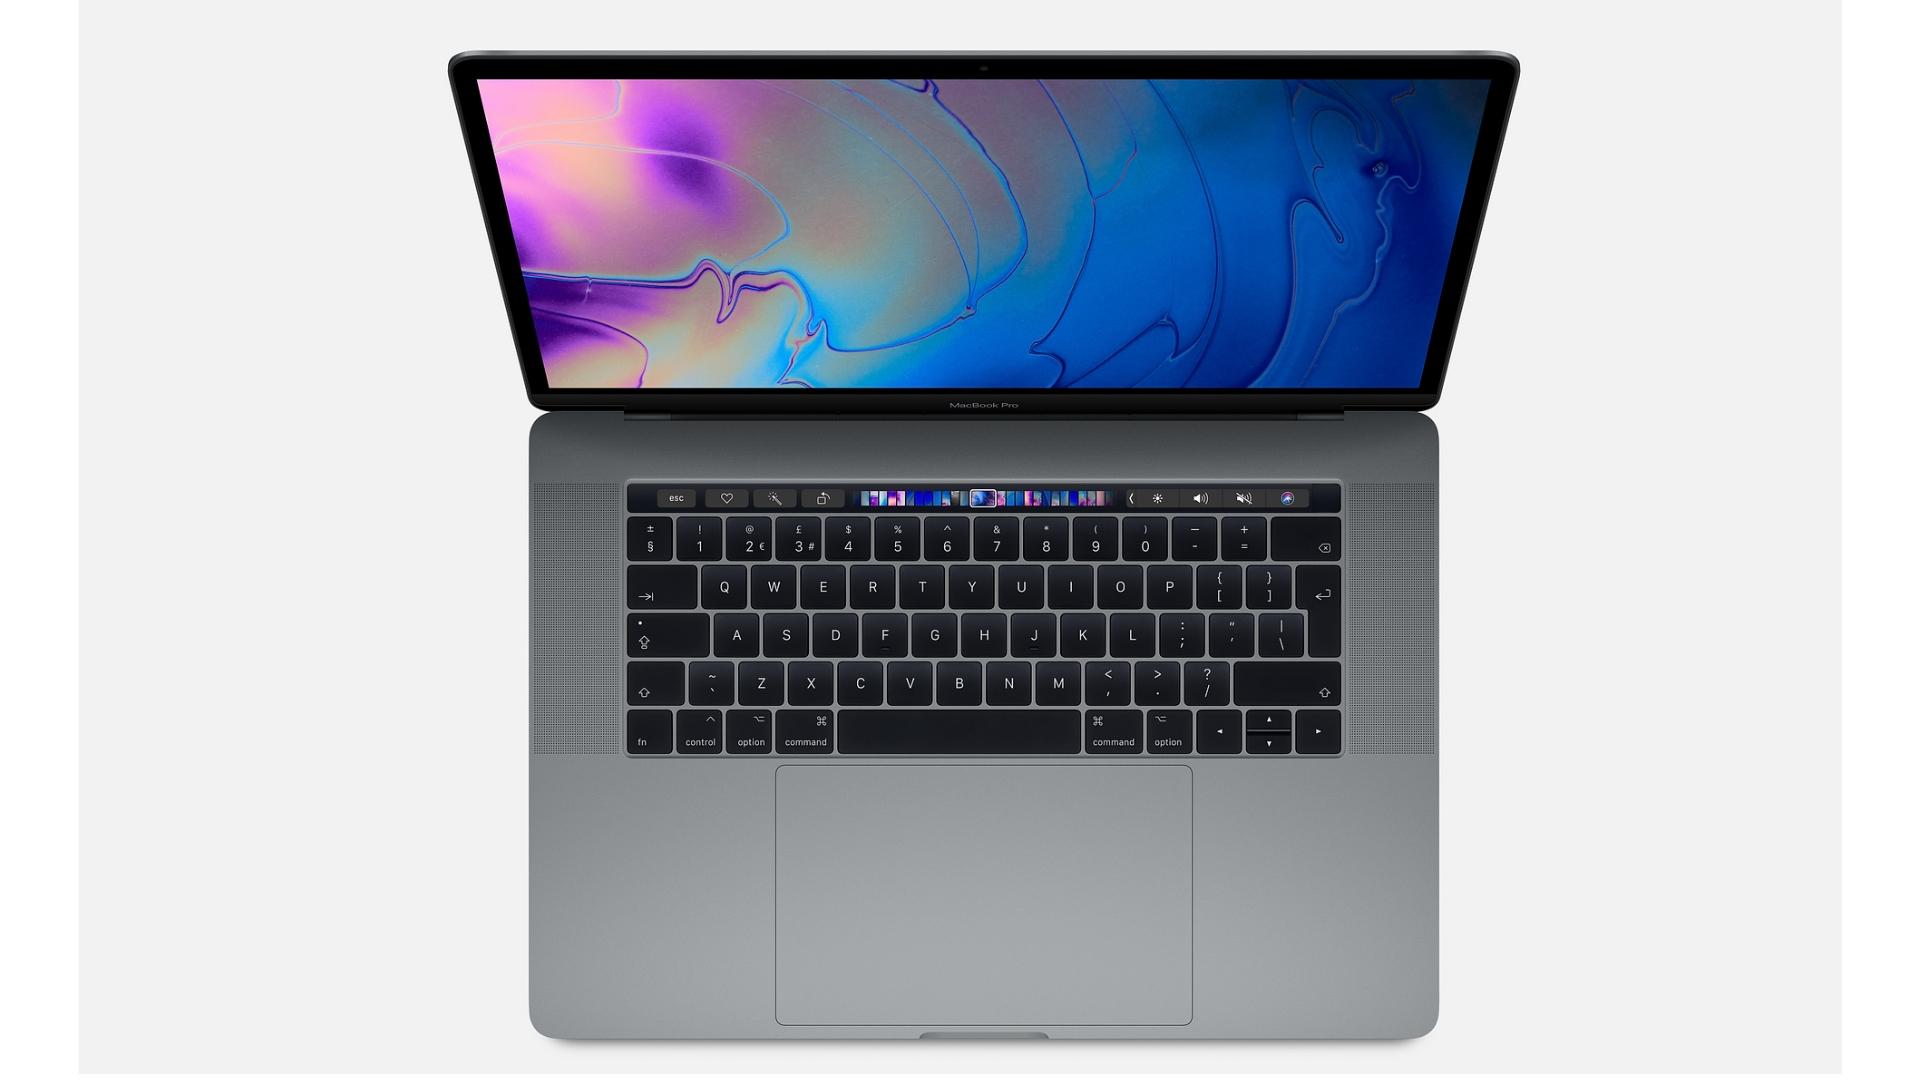 apple macbook pro 15-inch 2018 deals